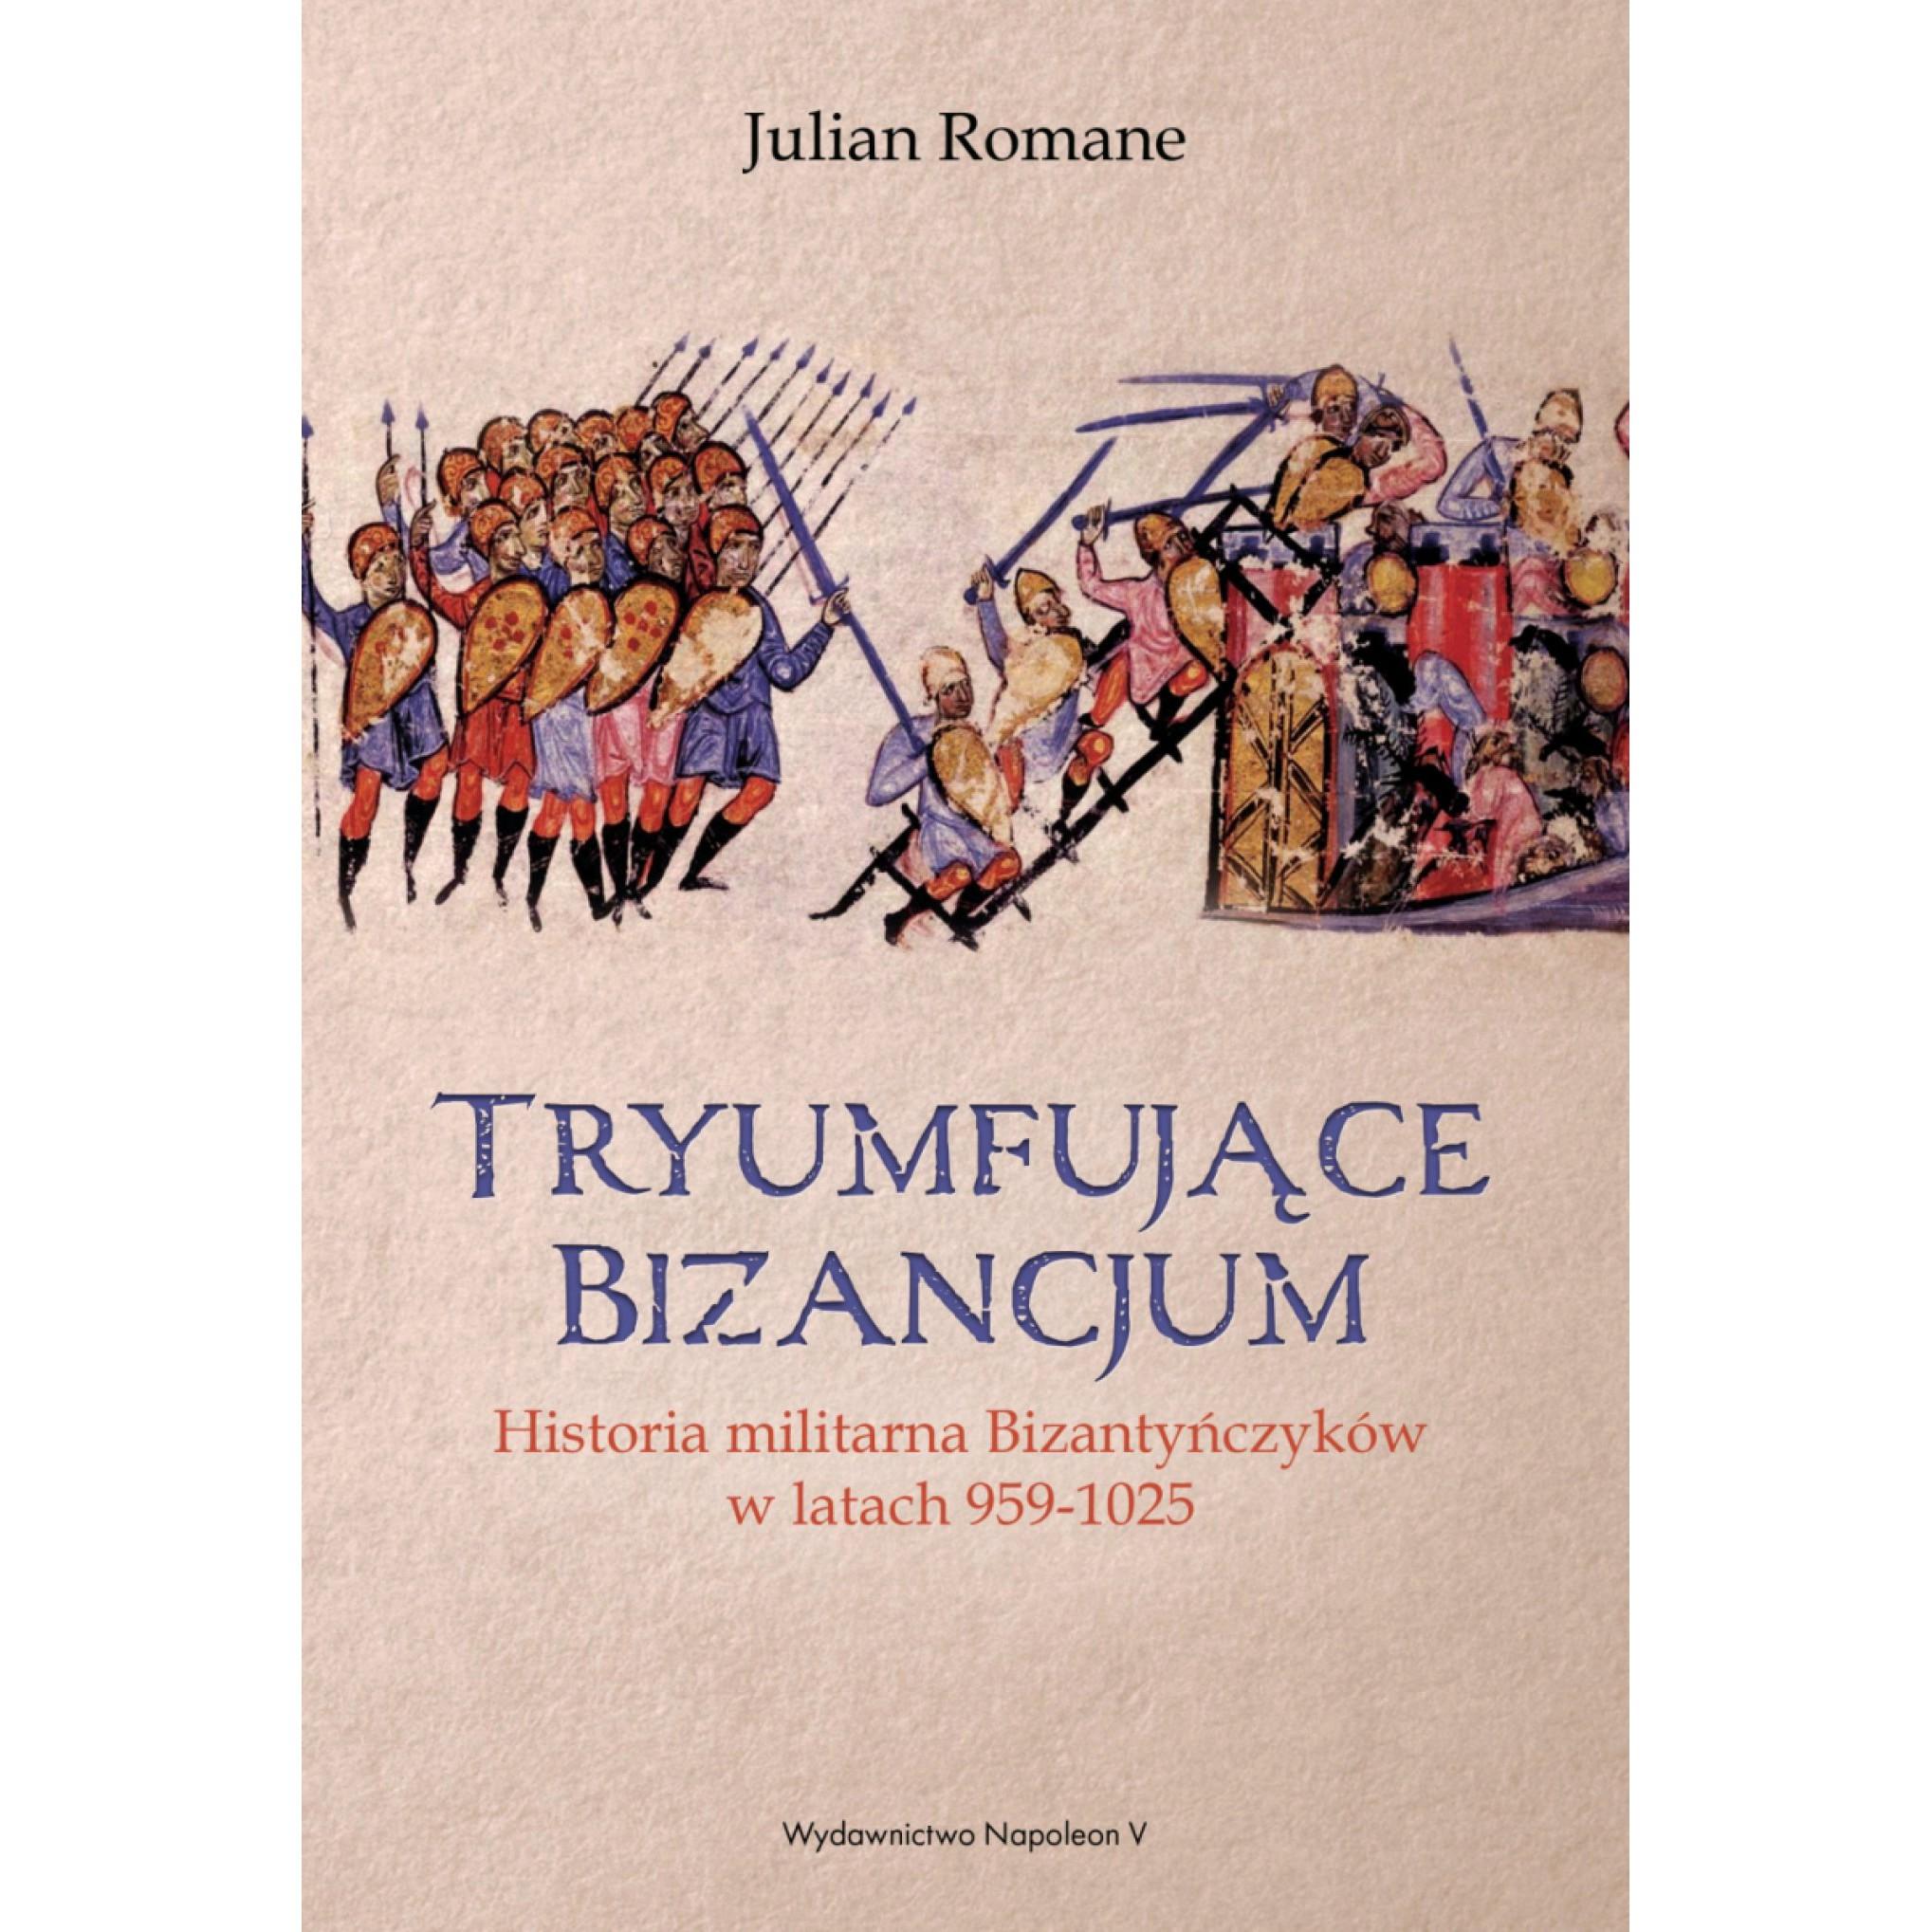 Tryumfujące Bizancjum. Historia militarna Bizantyńczyków 959-1025